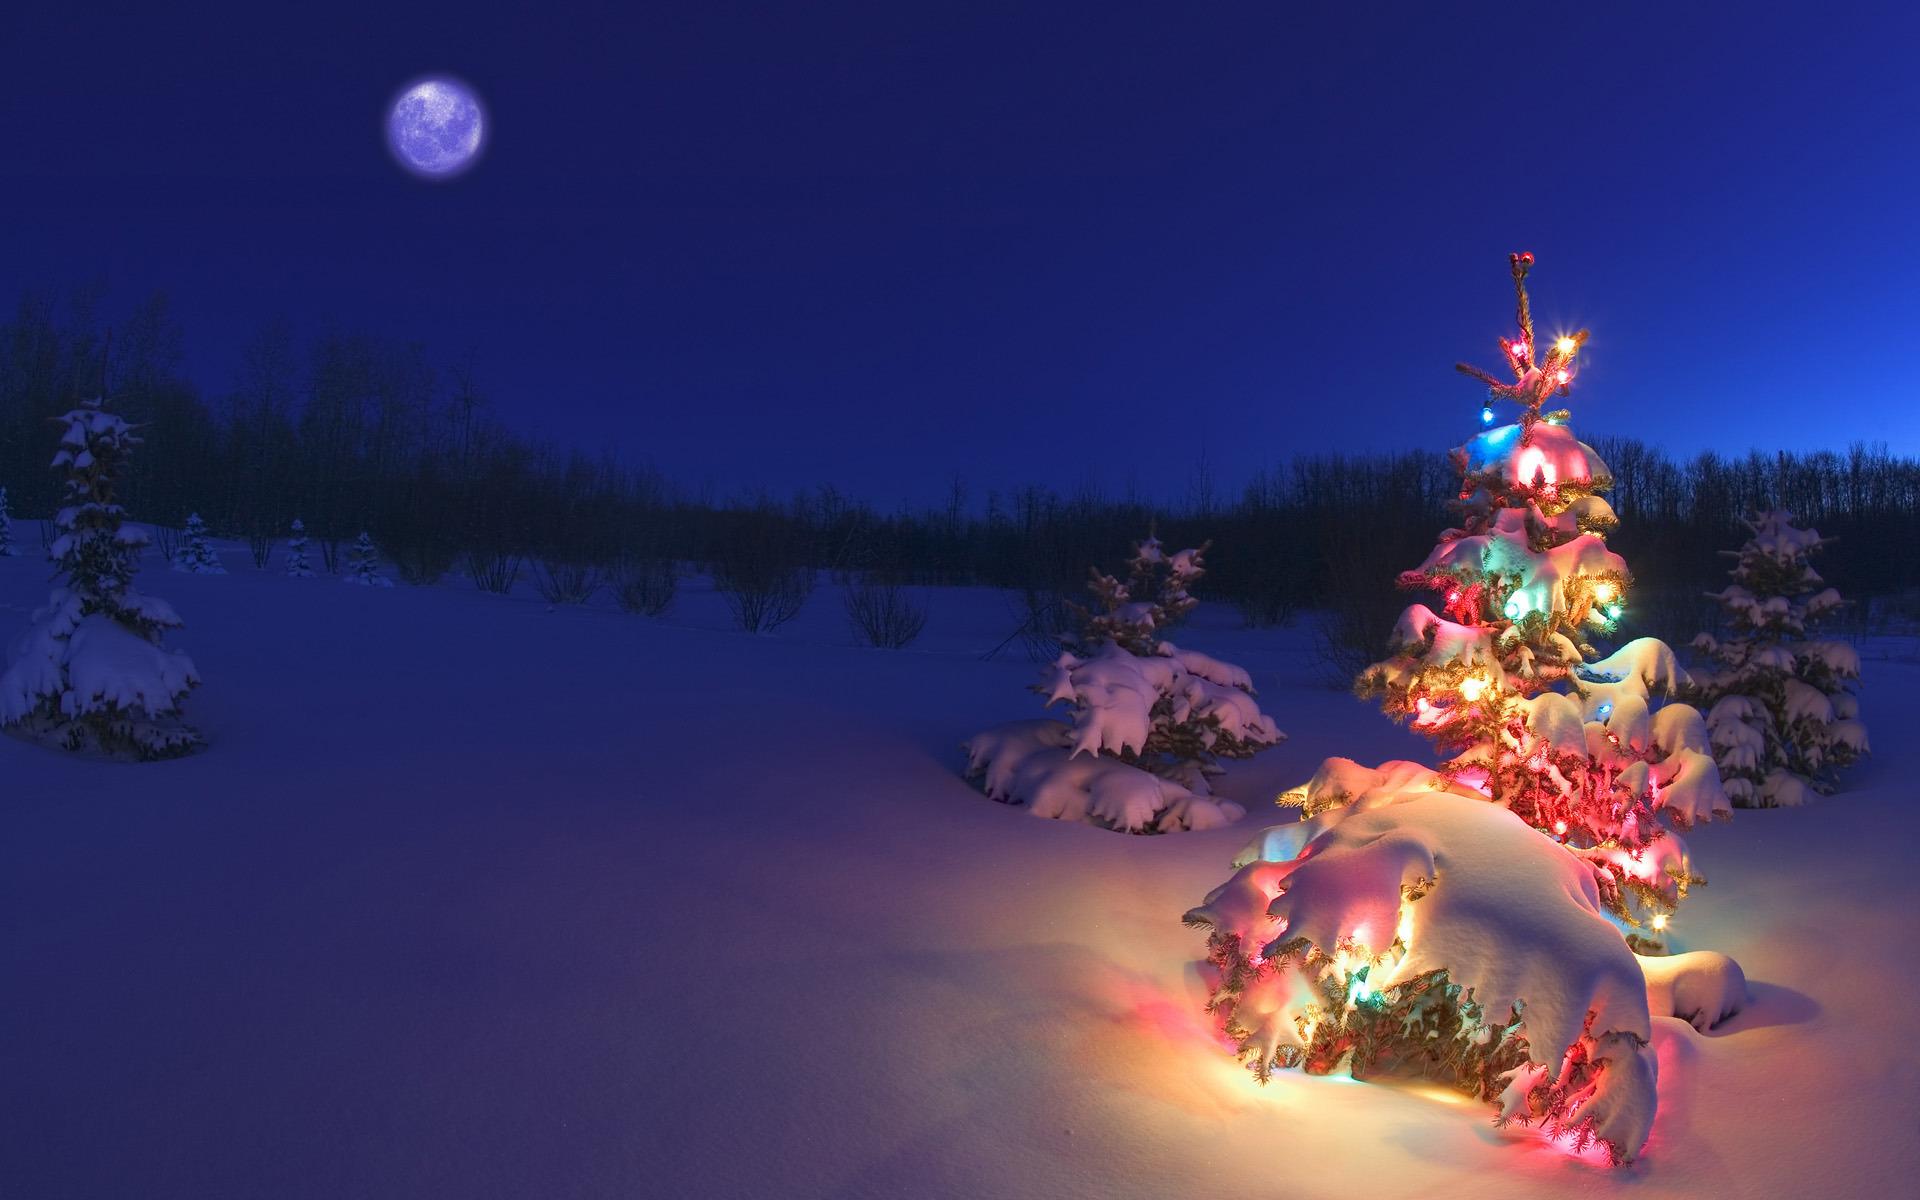 14532 скачать обои Зима, Новый Год (New Year), Елки, Рождество (Christmas, Xmas), Рисунки - заставки и картинки бесплатно